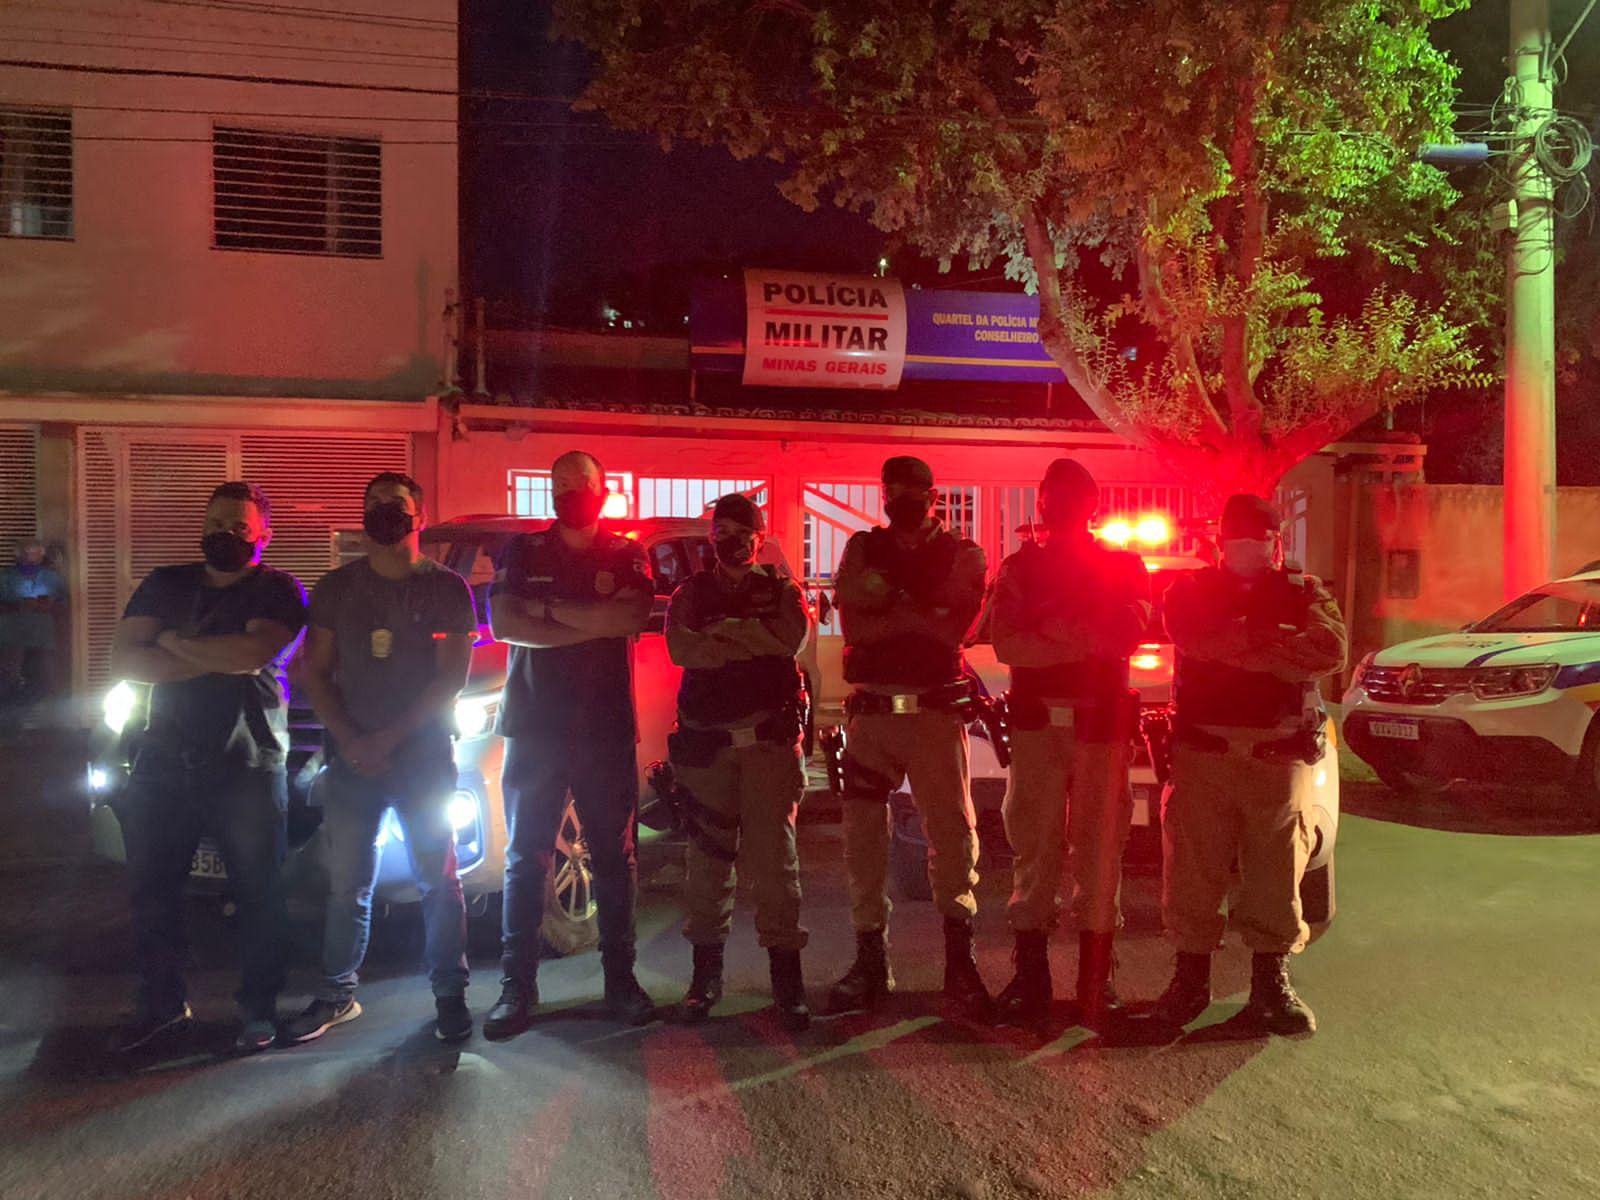 AÇÃO CONJUNTA DAS POLÍCIAS CIVIL E MILITAR PRENDEM SUSPEITO DE TENTATIVA DE ASSASSINATO NO BENEVIDES NO DIA 11